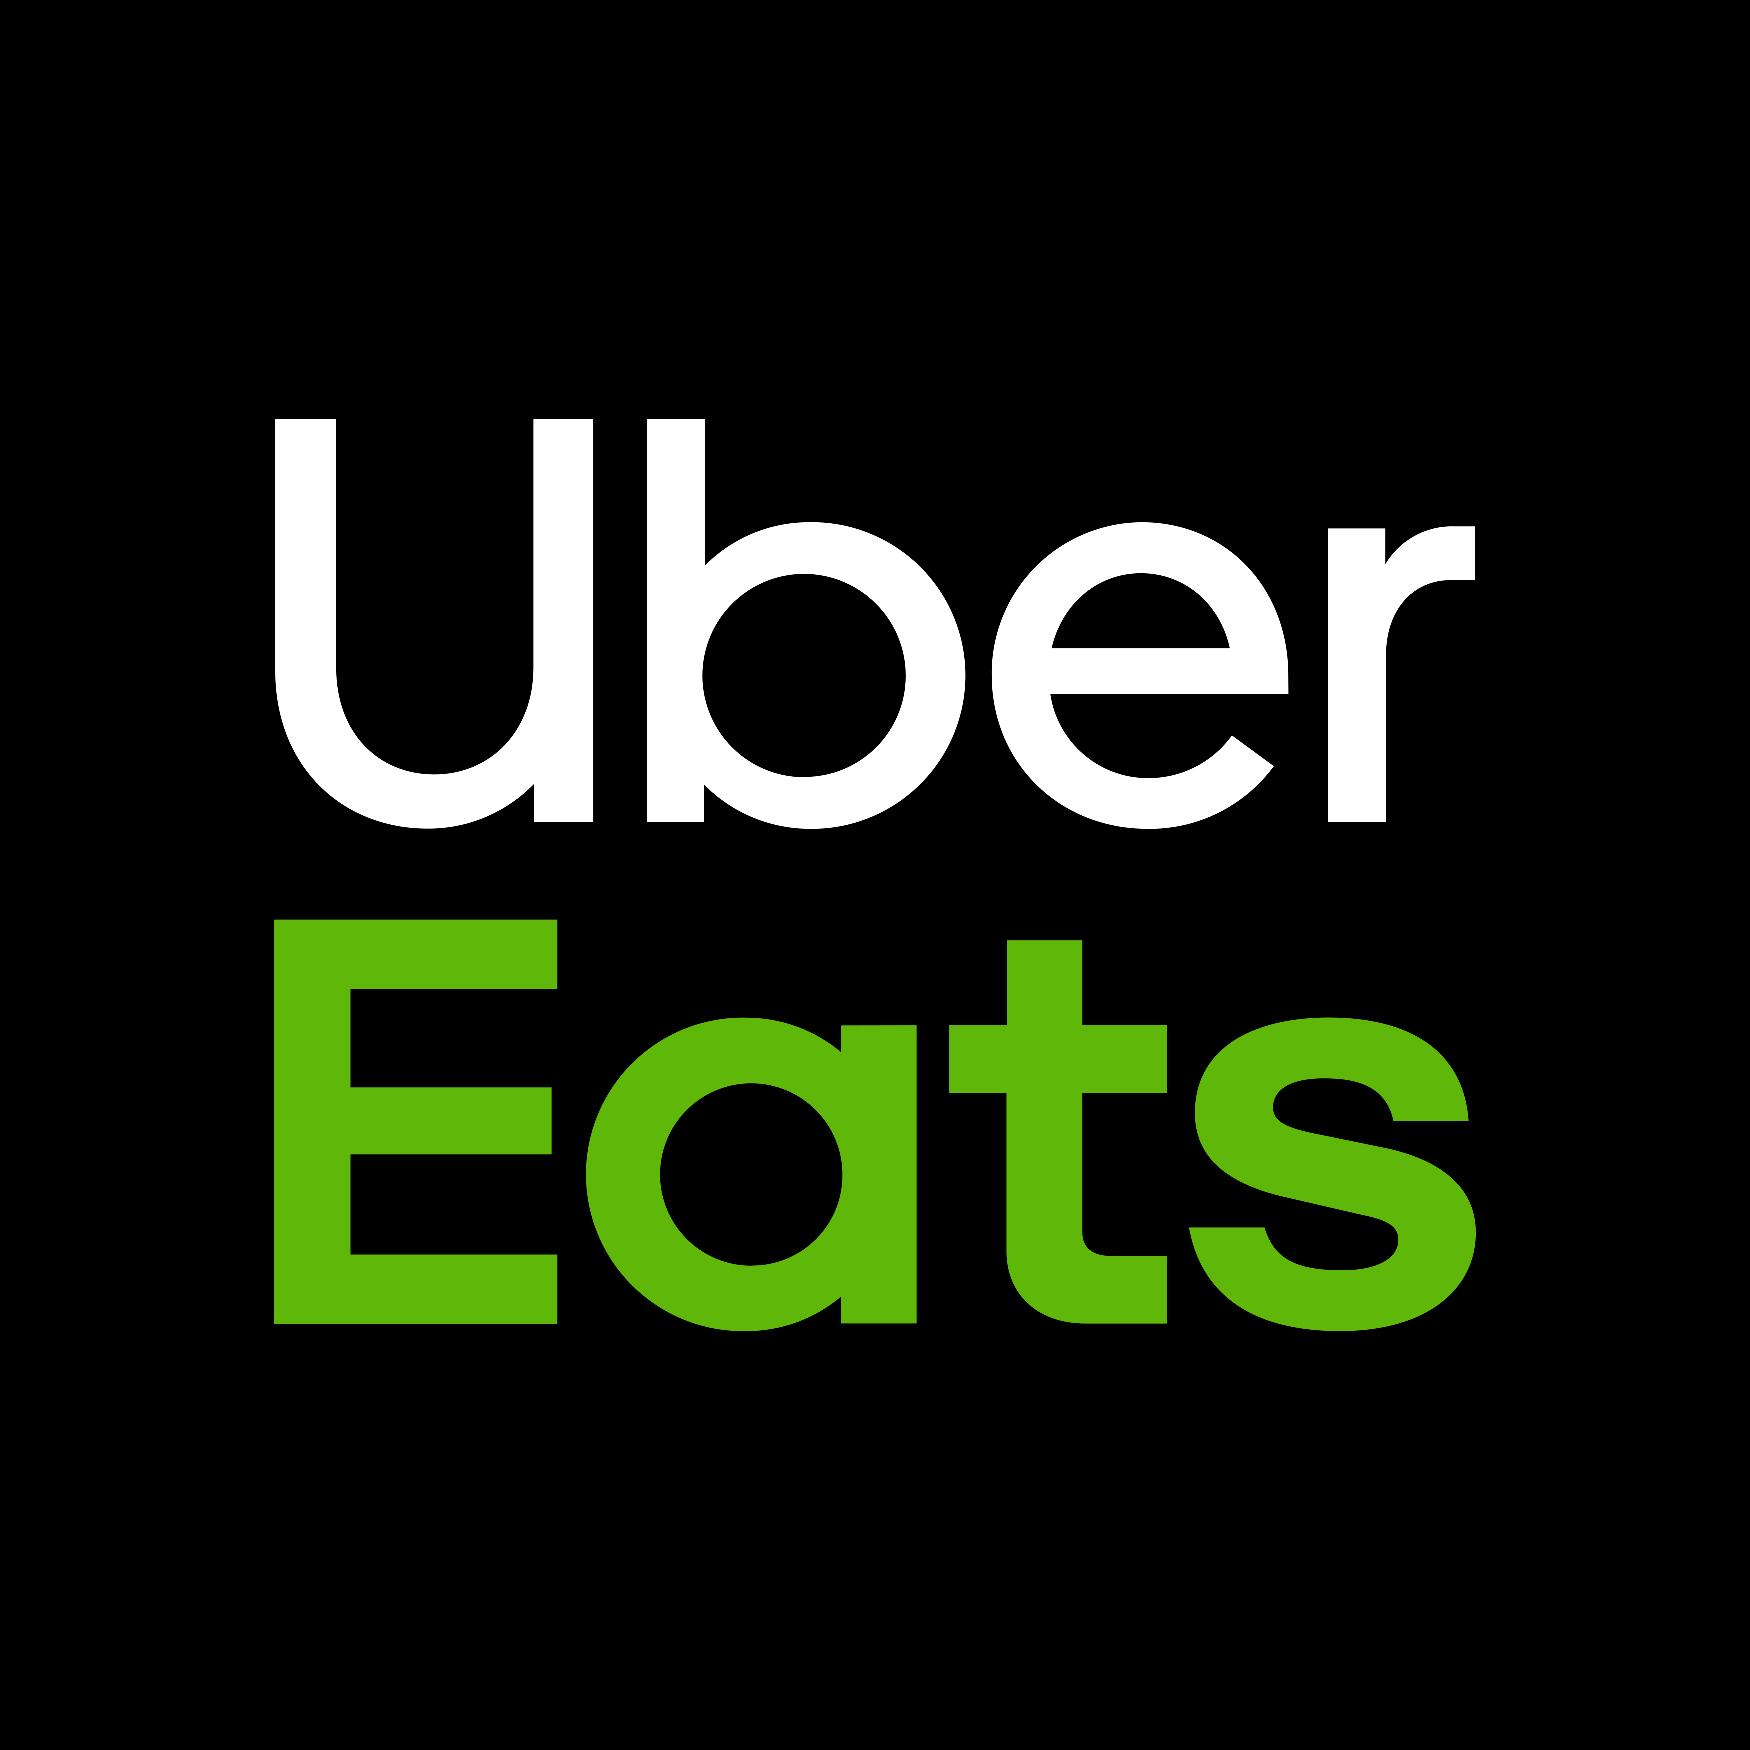 8€ de descuento en 3 pedidos en Uber Eats (cuentas nuevas)